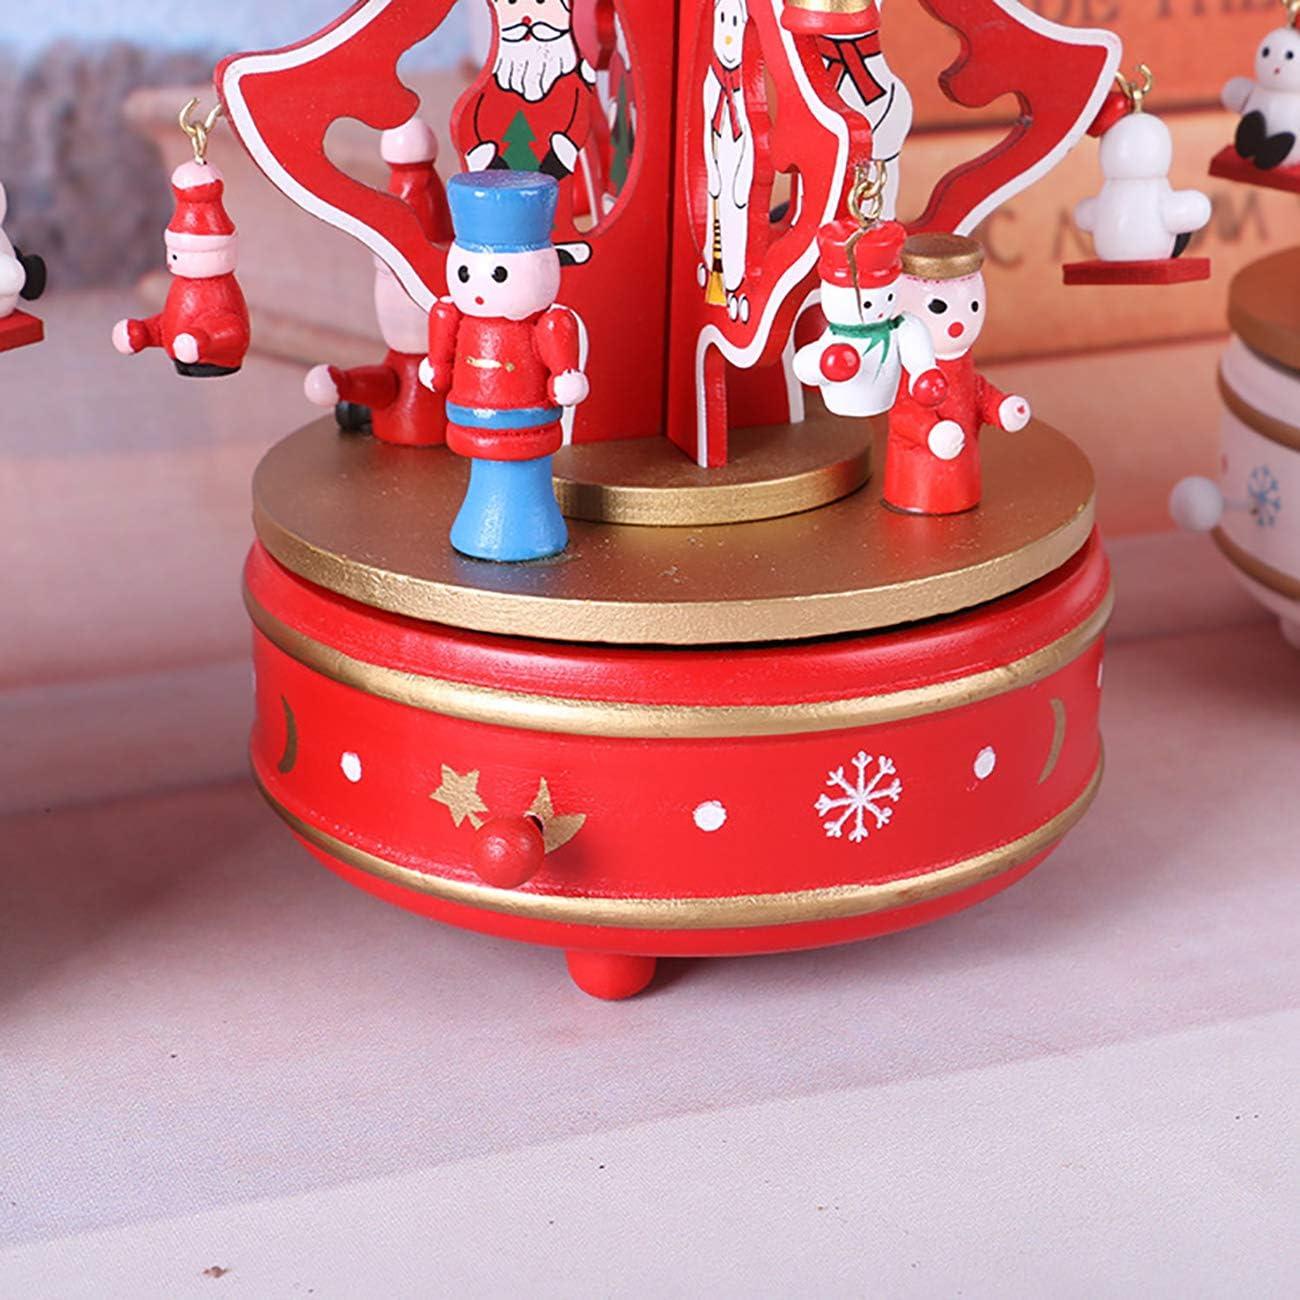 THEE Bo/îte /à Musique de Carrousel en Bois D/écoration de la Maison Jouets pour Enfants